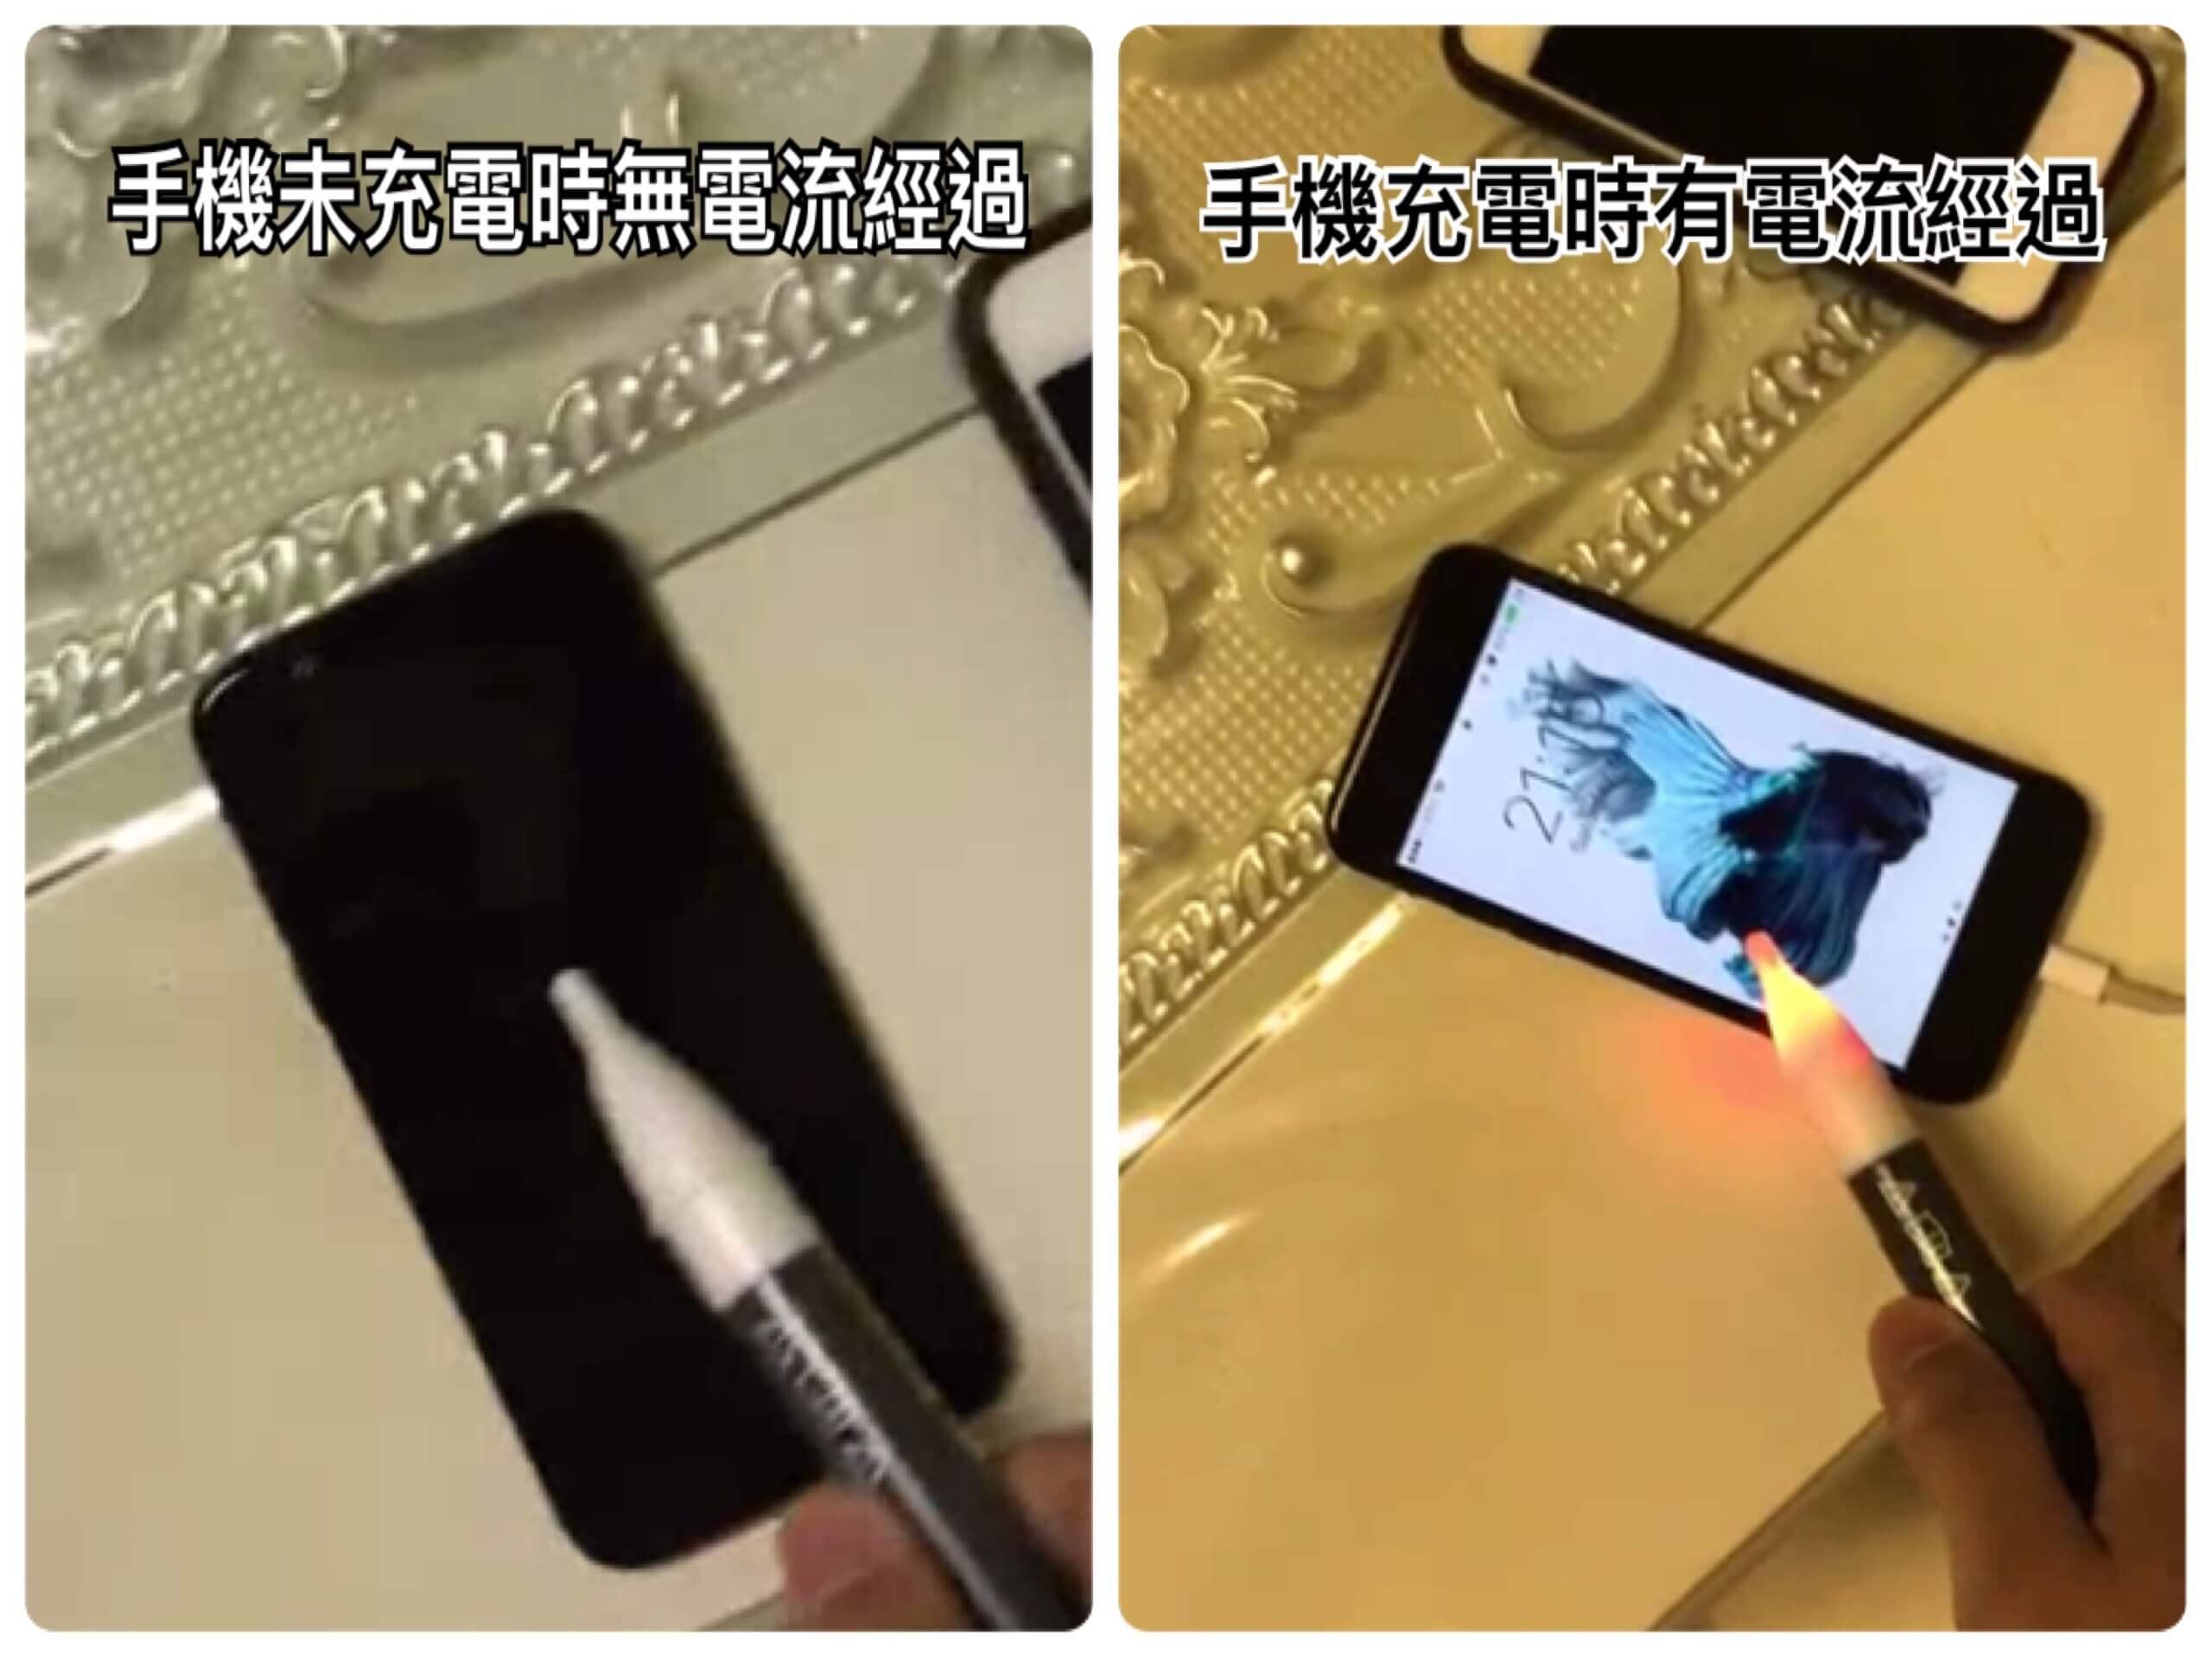 手機充電與未充電的電流測試。